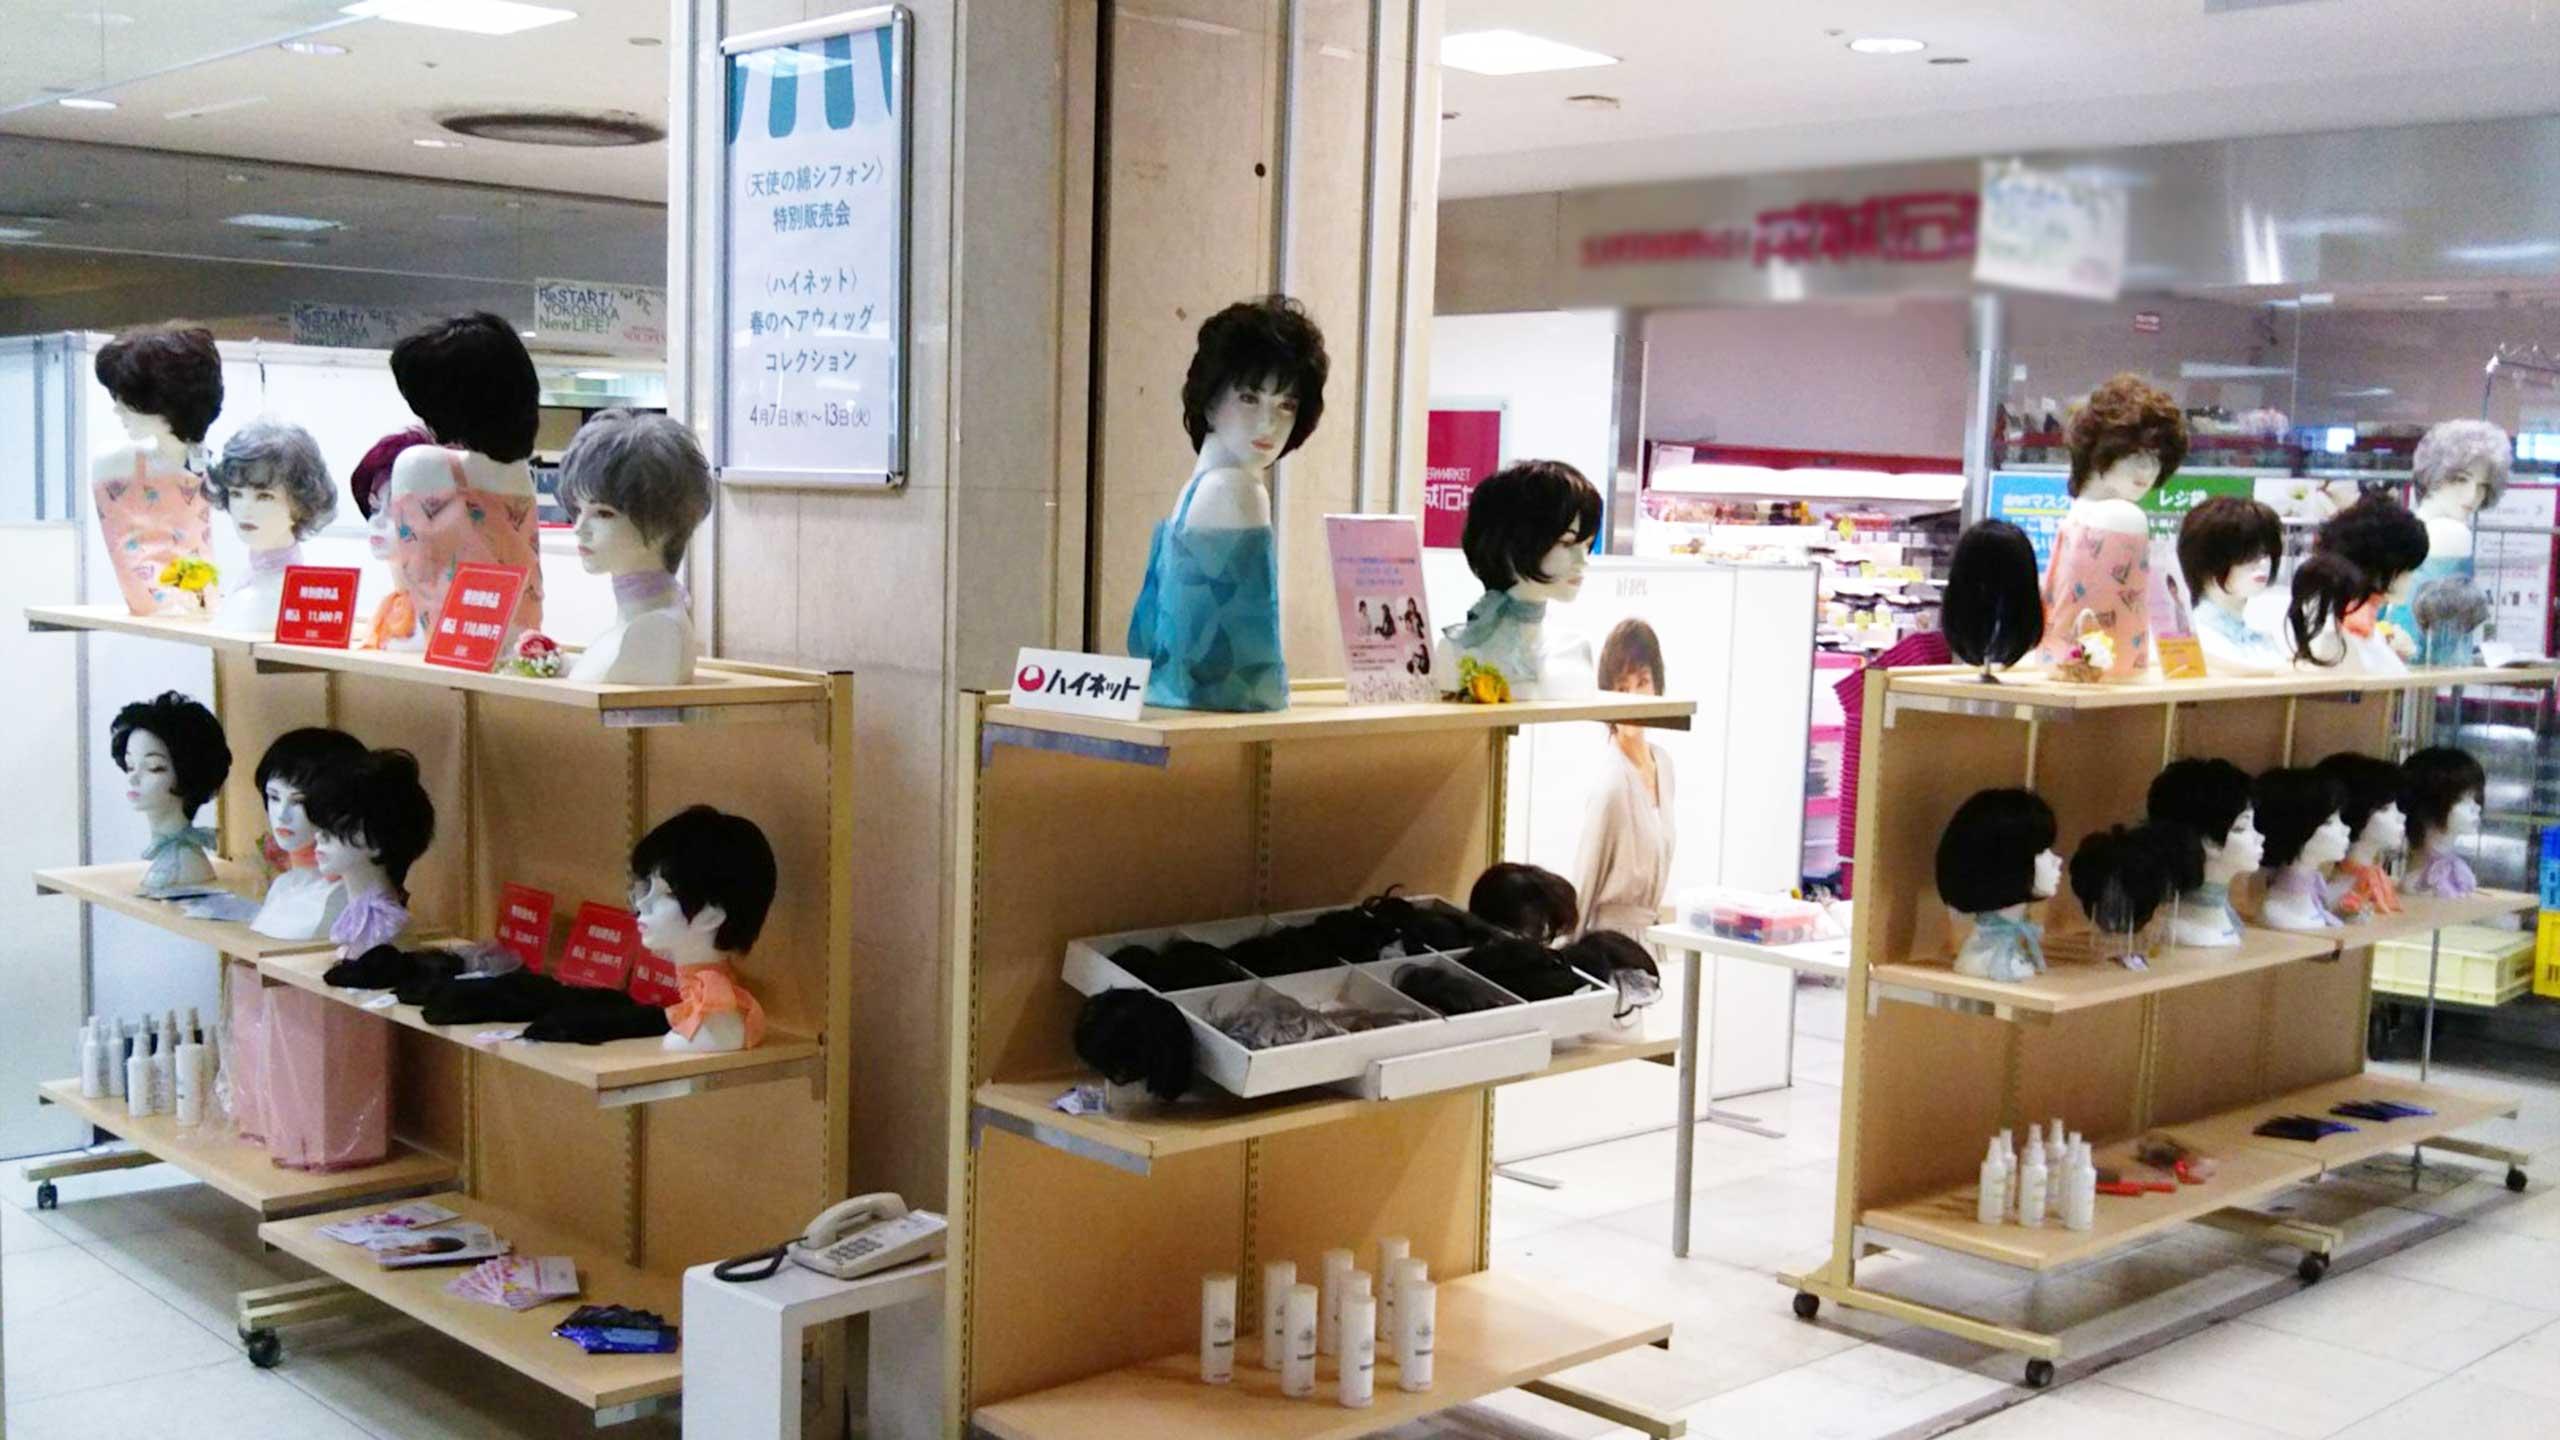 ハイネット<br>春のヘアウイッグコレクション<br>さいか屋横須賀店